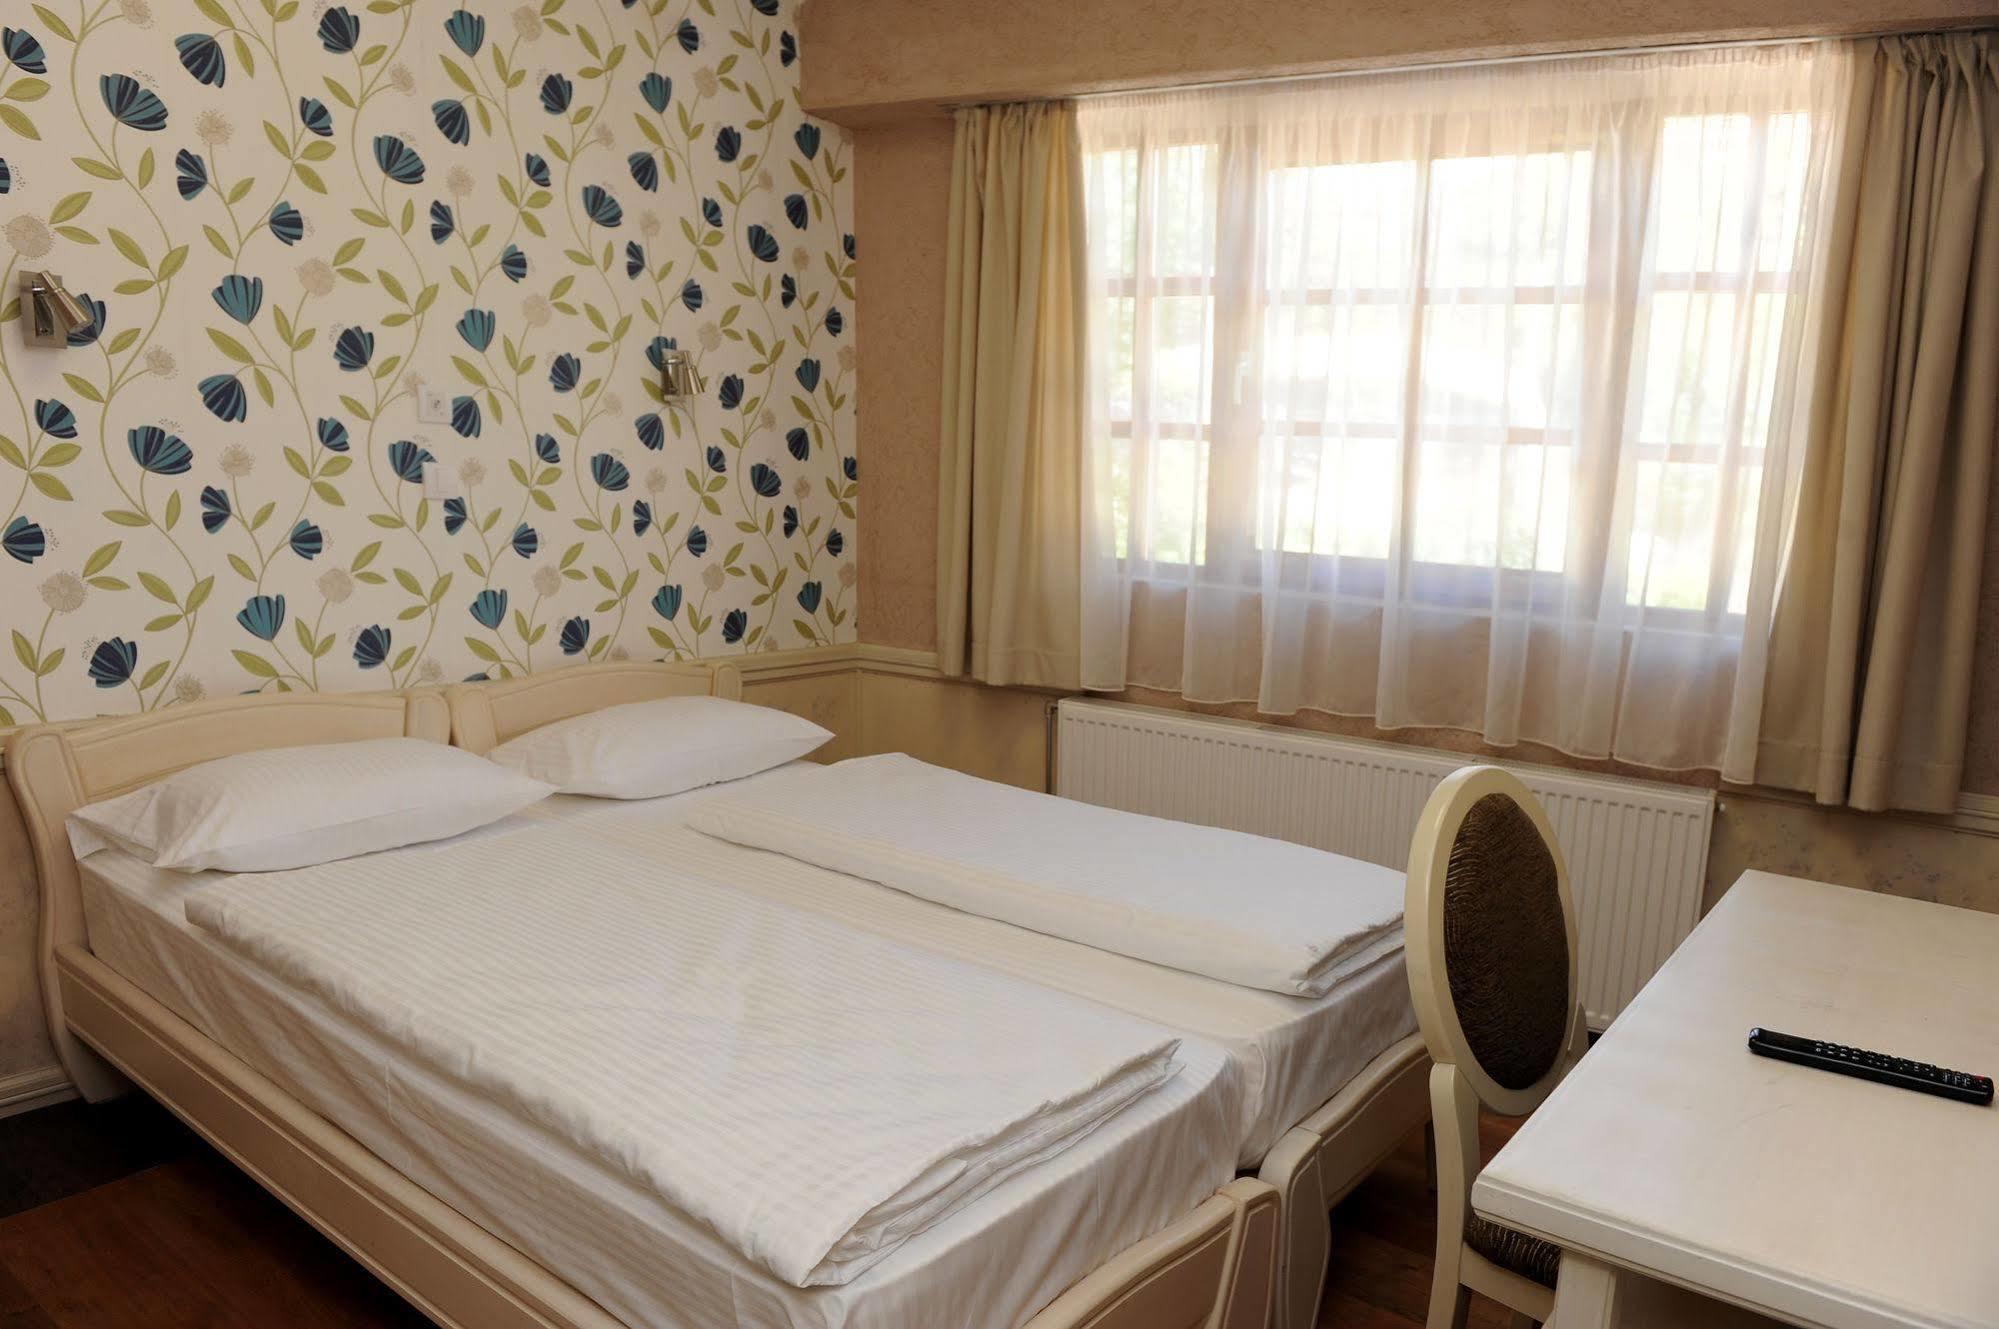 هتل سنتار بالاسویج بلگراد